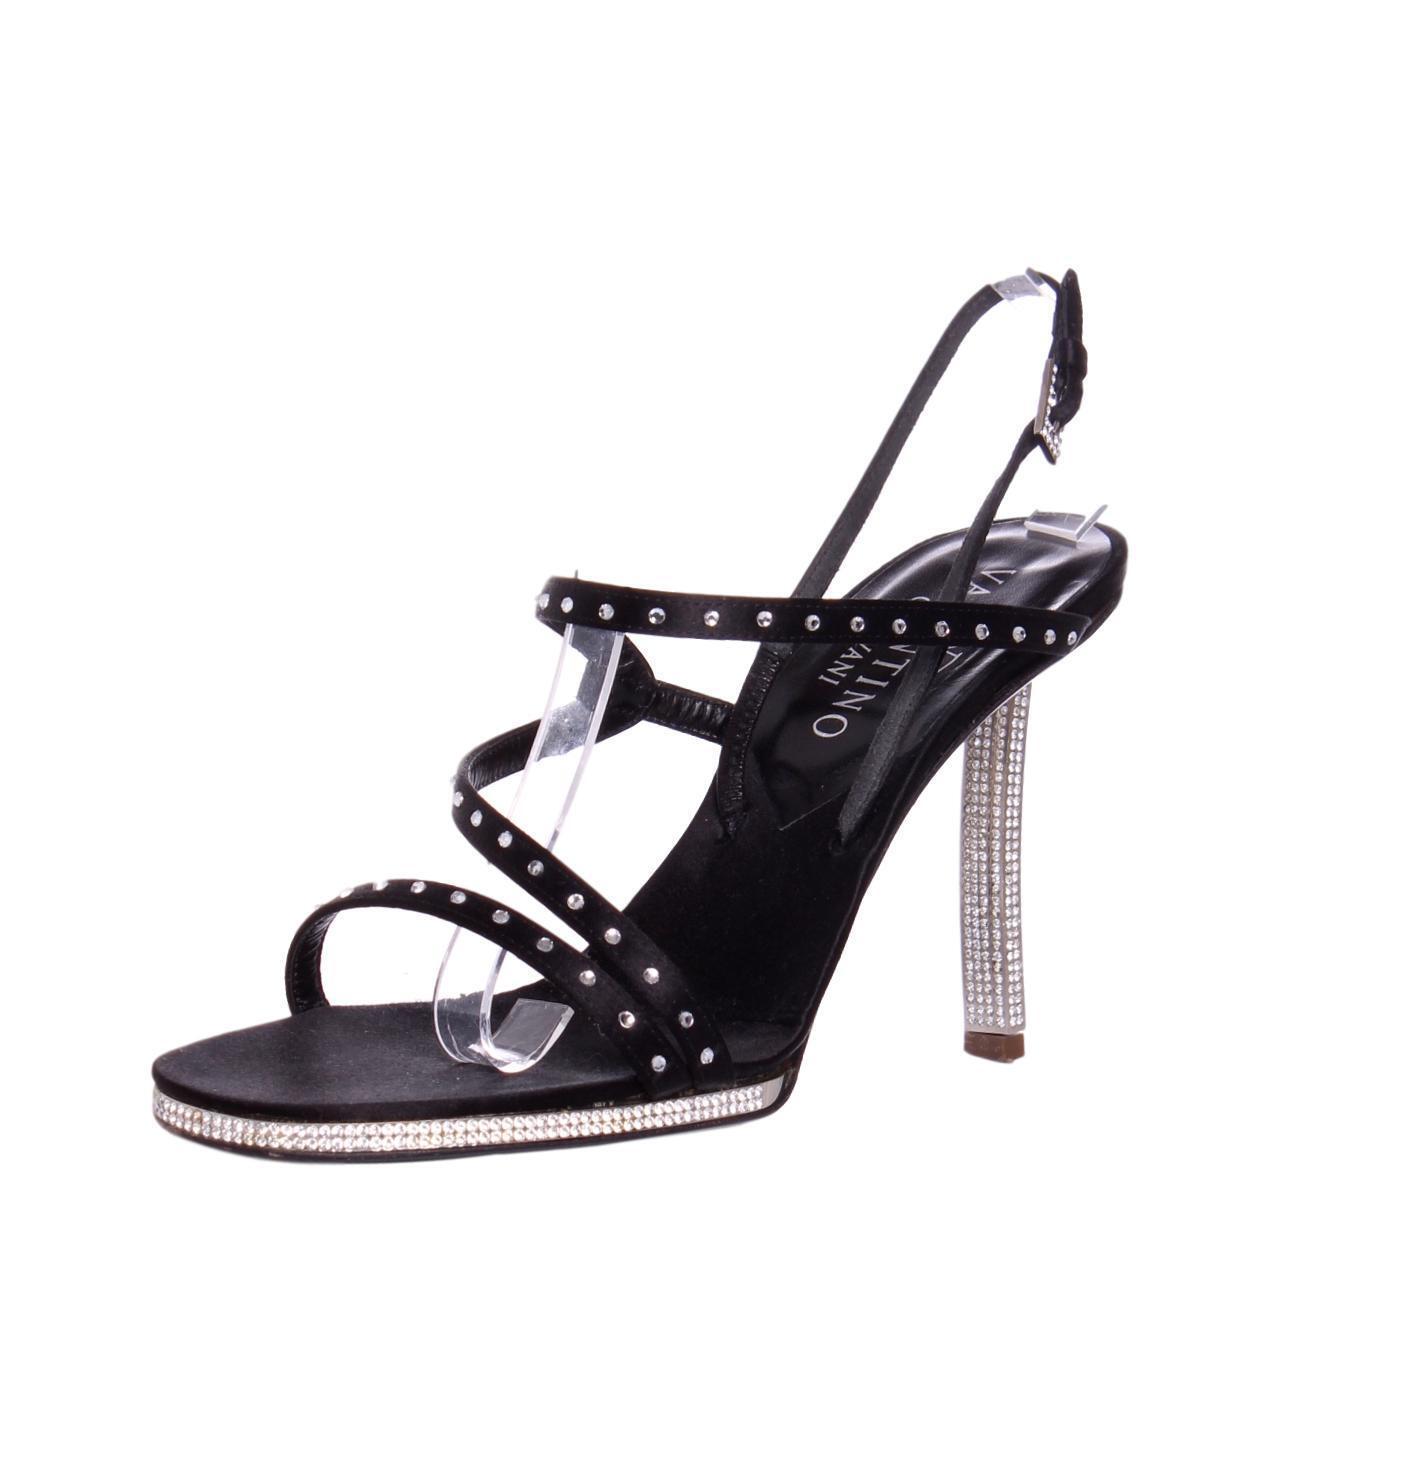 risparmia fino al 30-50% di sconto VALENTINO Vintage nero nero nero Satin Slingback Crystal Embellished Strappy Pumps - US 8  le migliori marche vendono a buon mercato